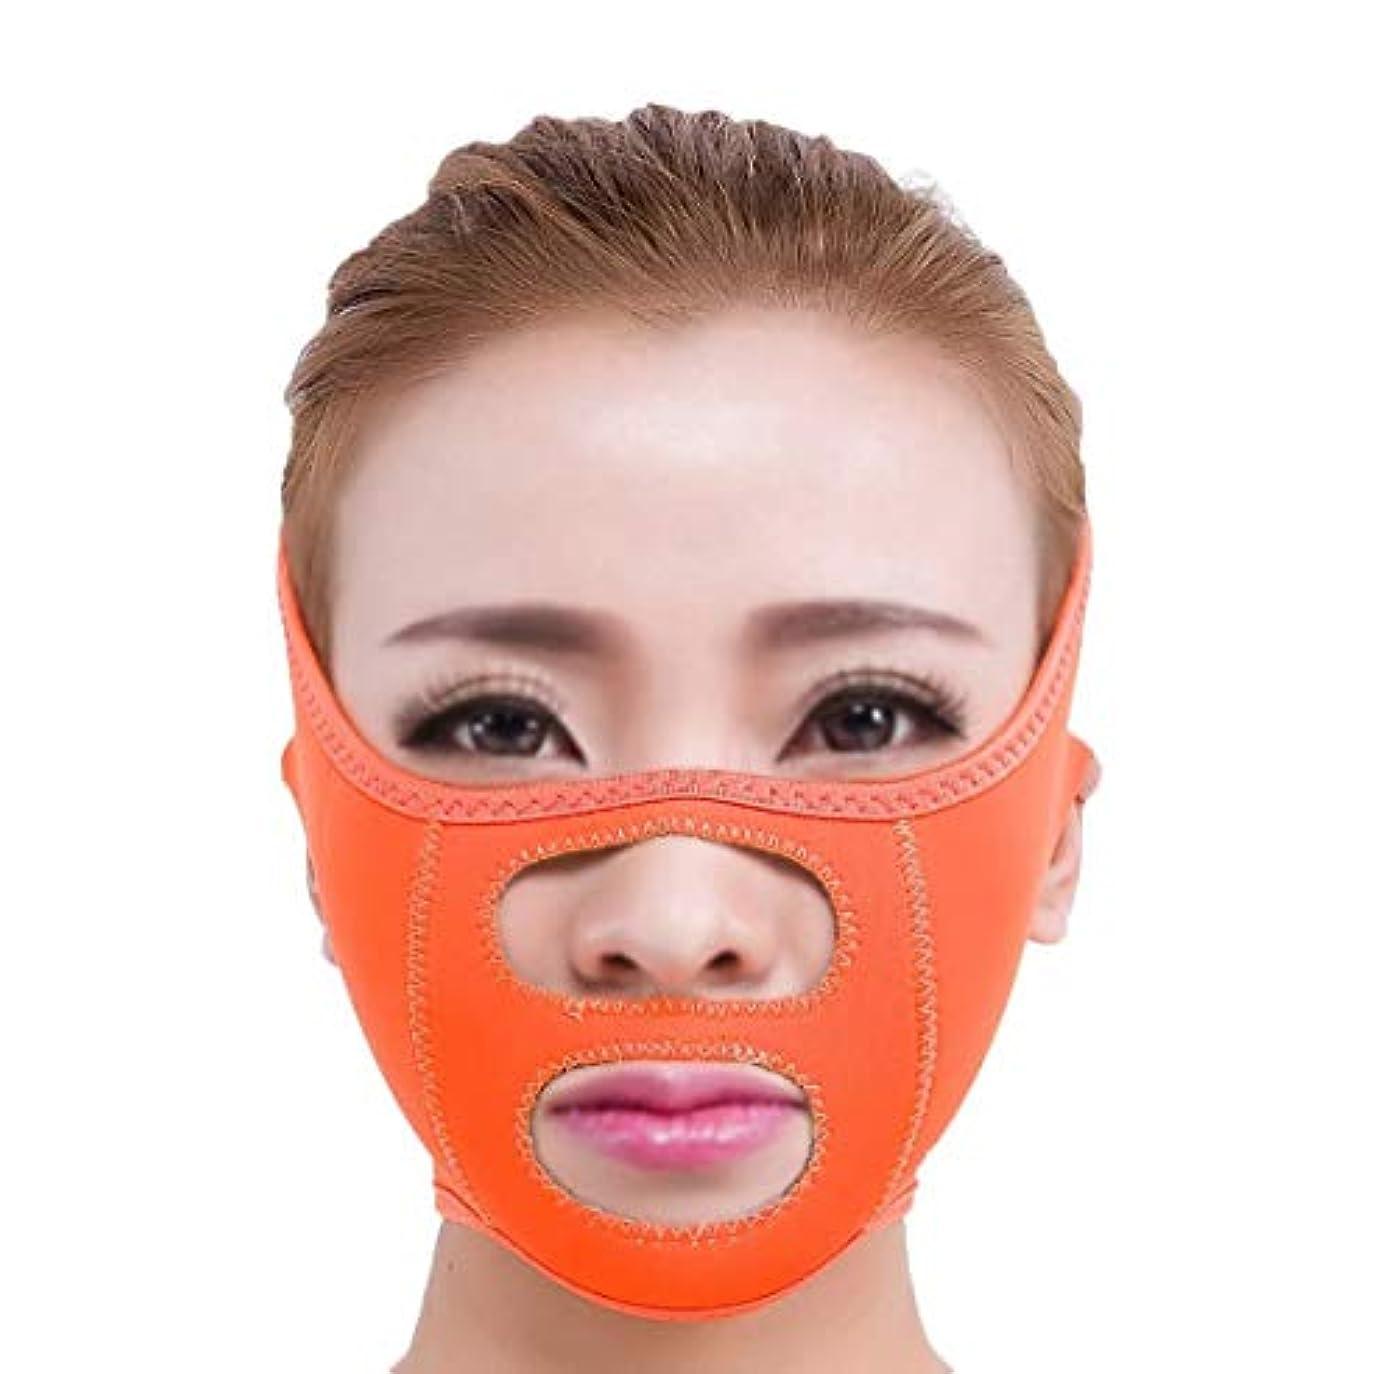 常識保存彼らスリミングベルト、フェイシャルマスク薄い顔マスク睡眠薄い顔マスク薄い顔包帯薄い顔アーティファクト薄い顔顔リフティング薄い顔小さなV顔睡眠薄い顔ベルト